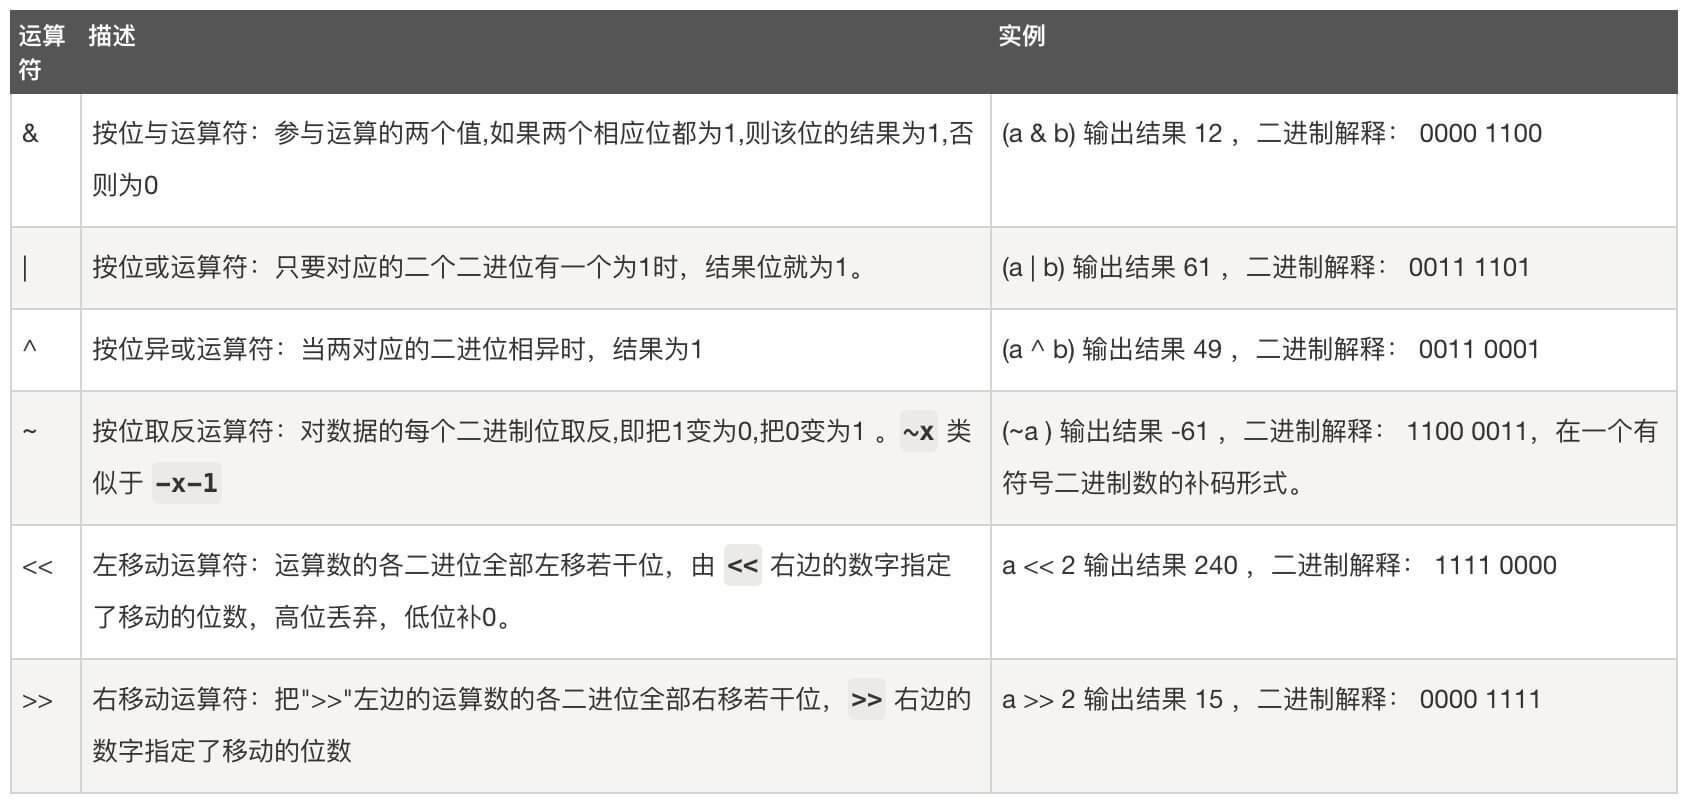 liwei201910111_3.png